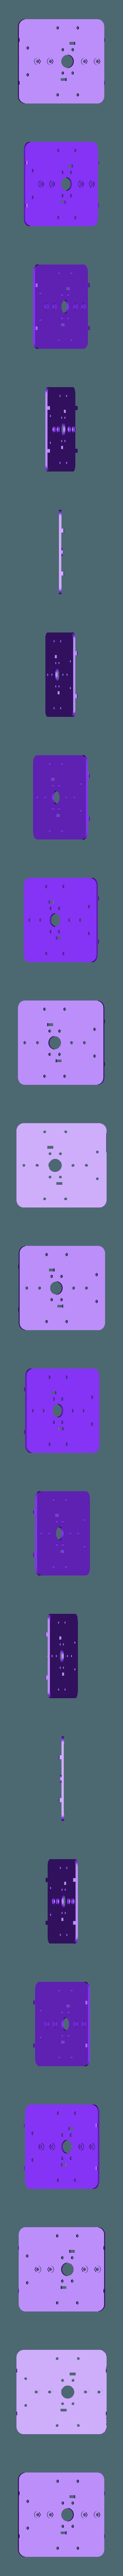 Chassis_Trinket.stl Télécharger fichier STL gratuit Châssis pour Robot Dessinateur • Design pour imprimante 3D, MakersBox